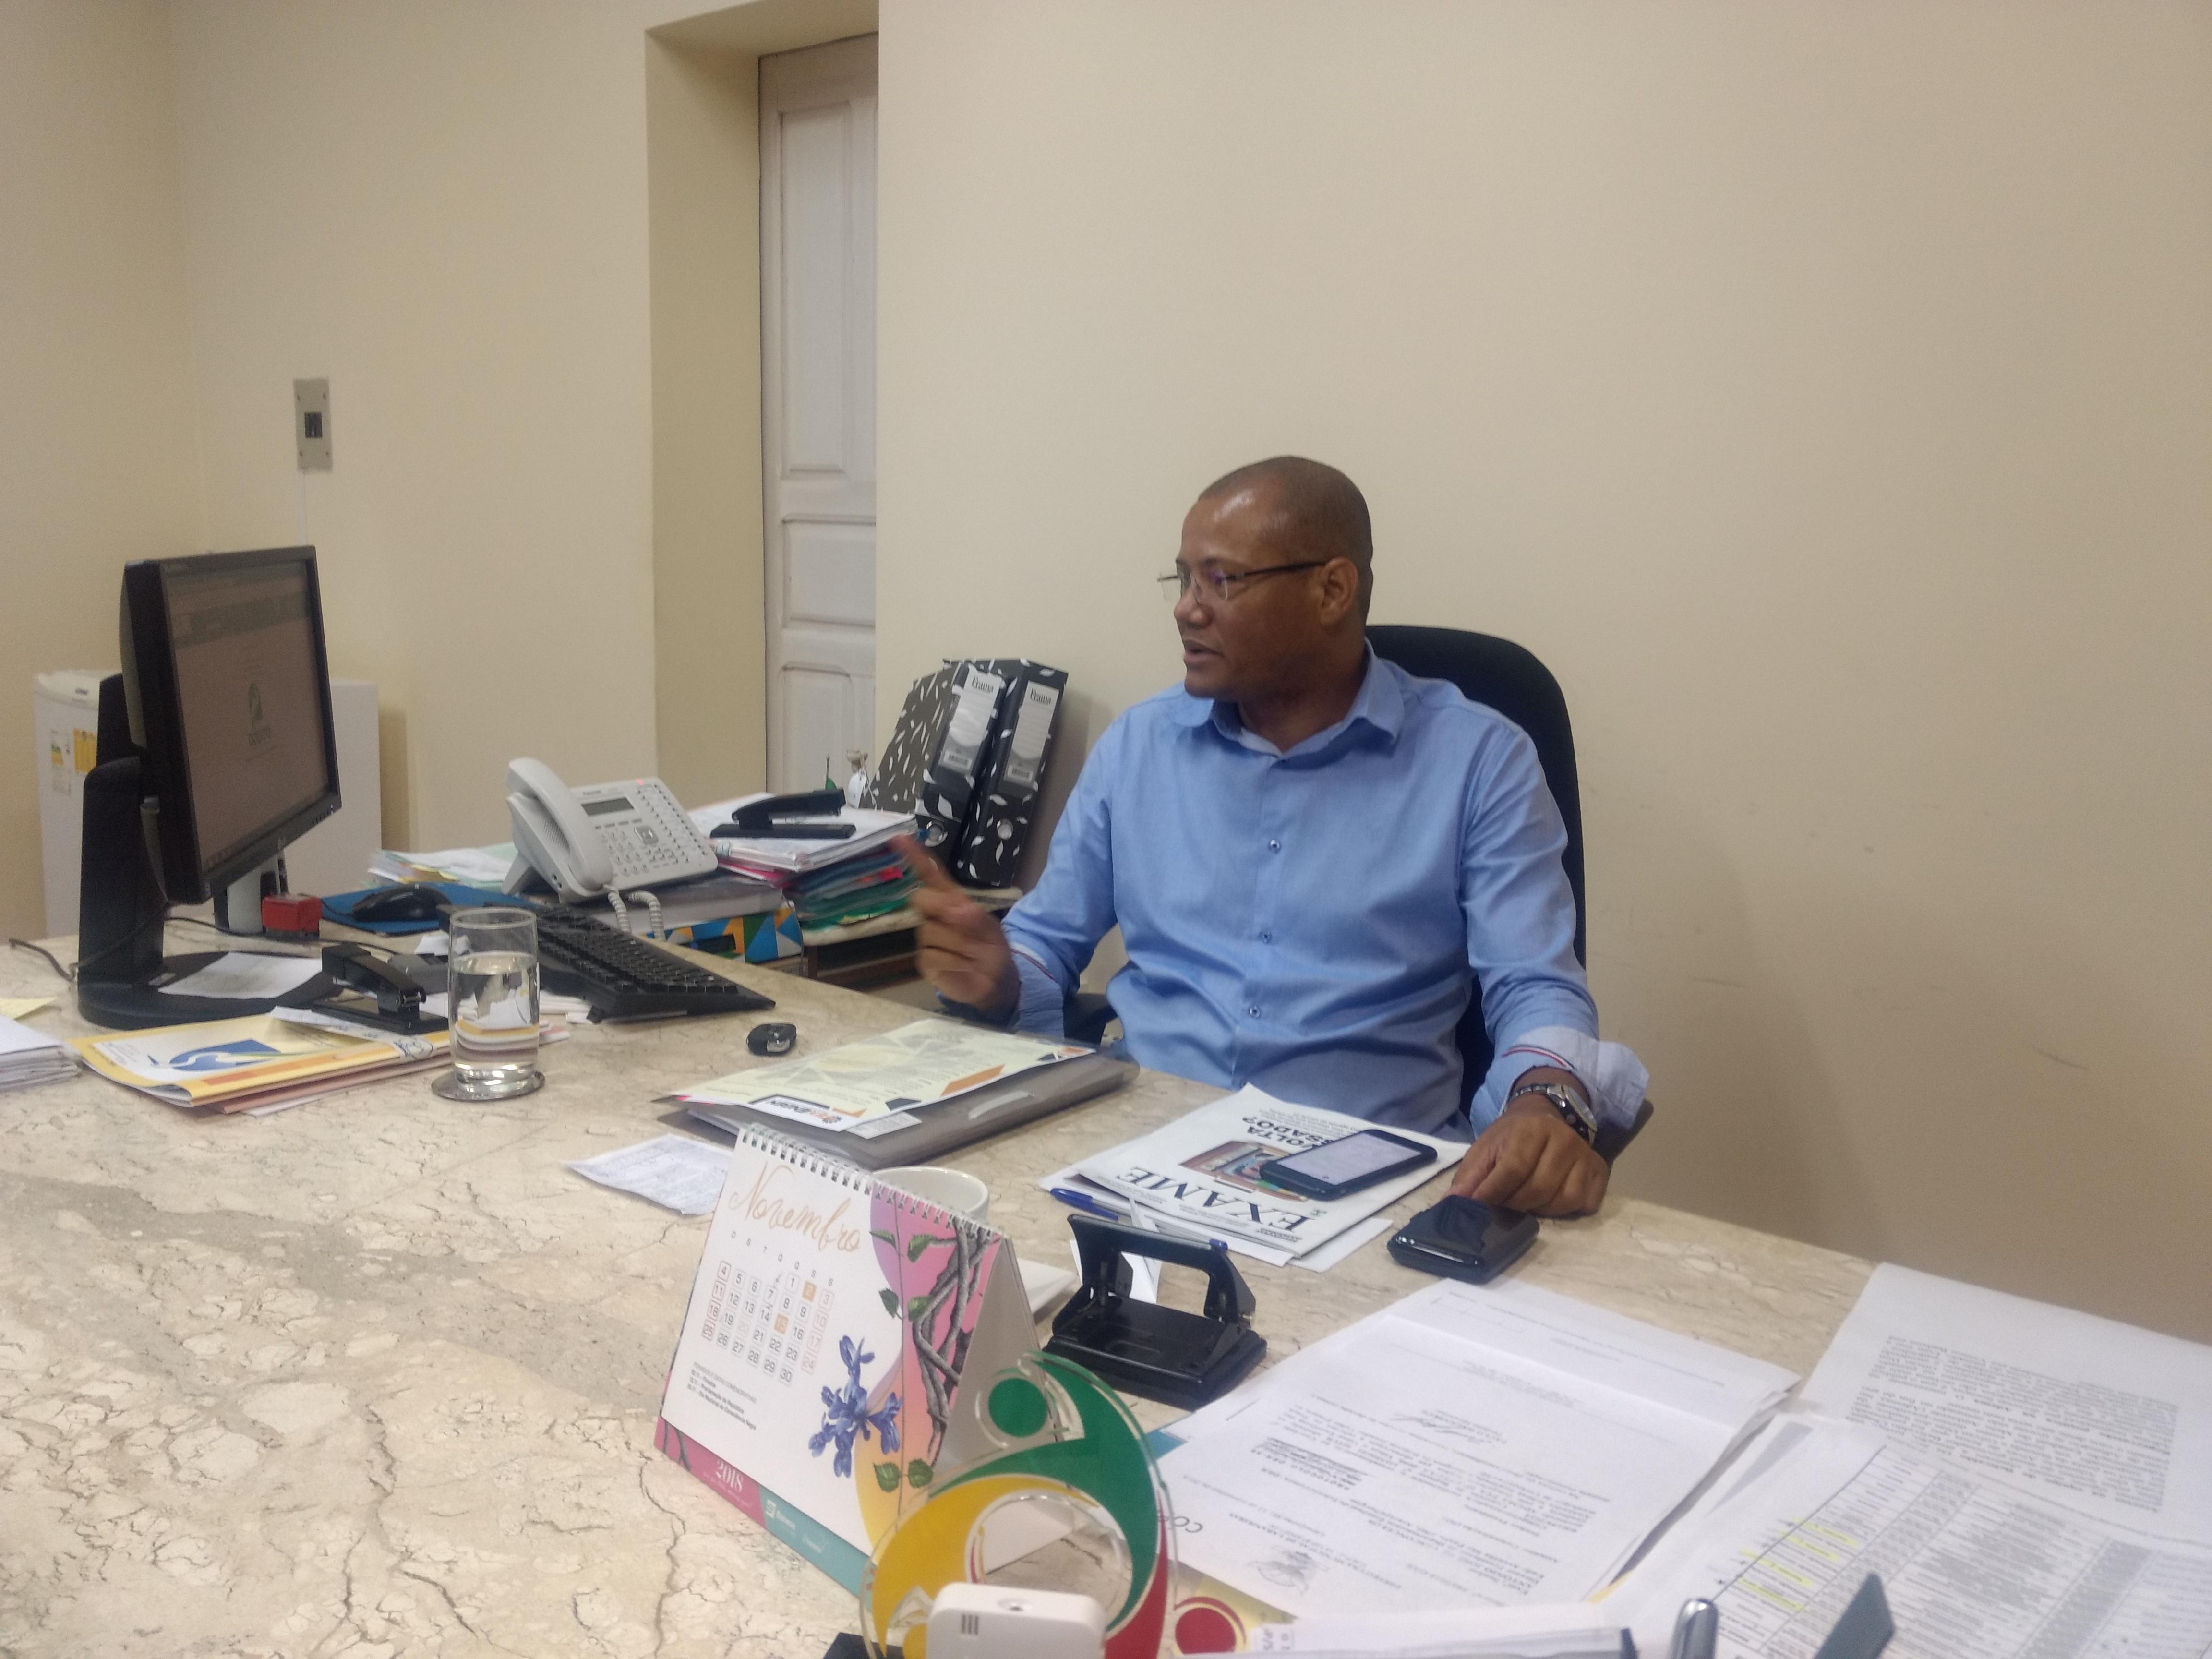 Visando excelência, Pastor Gilvan Dias (diretor da ADEMA) vê  seus egressos constantemente em posições de destaque